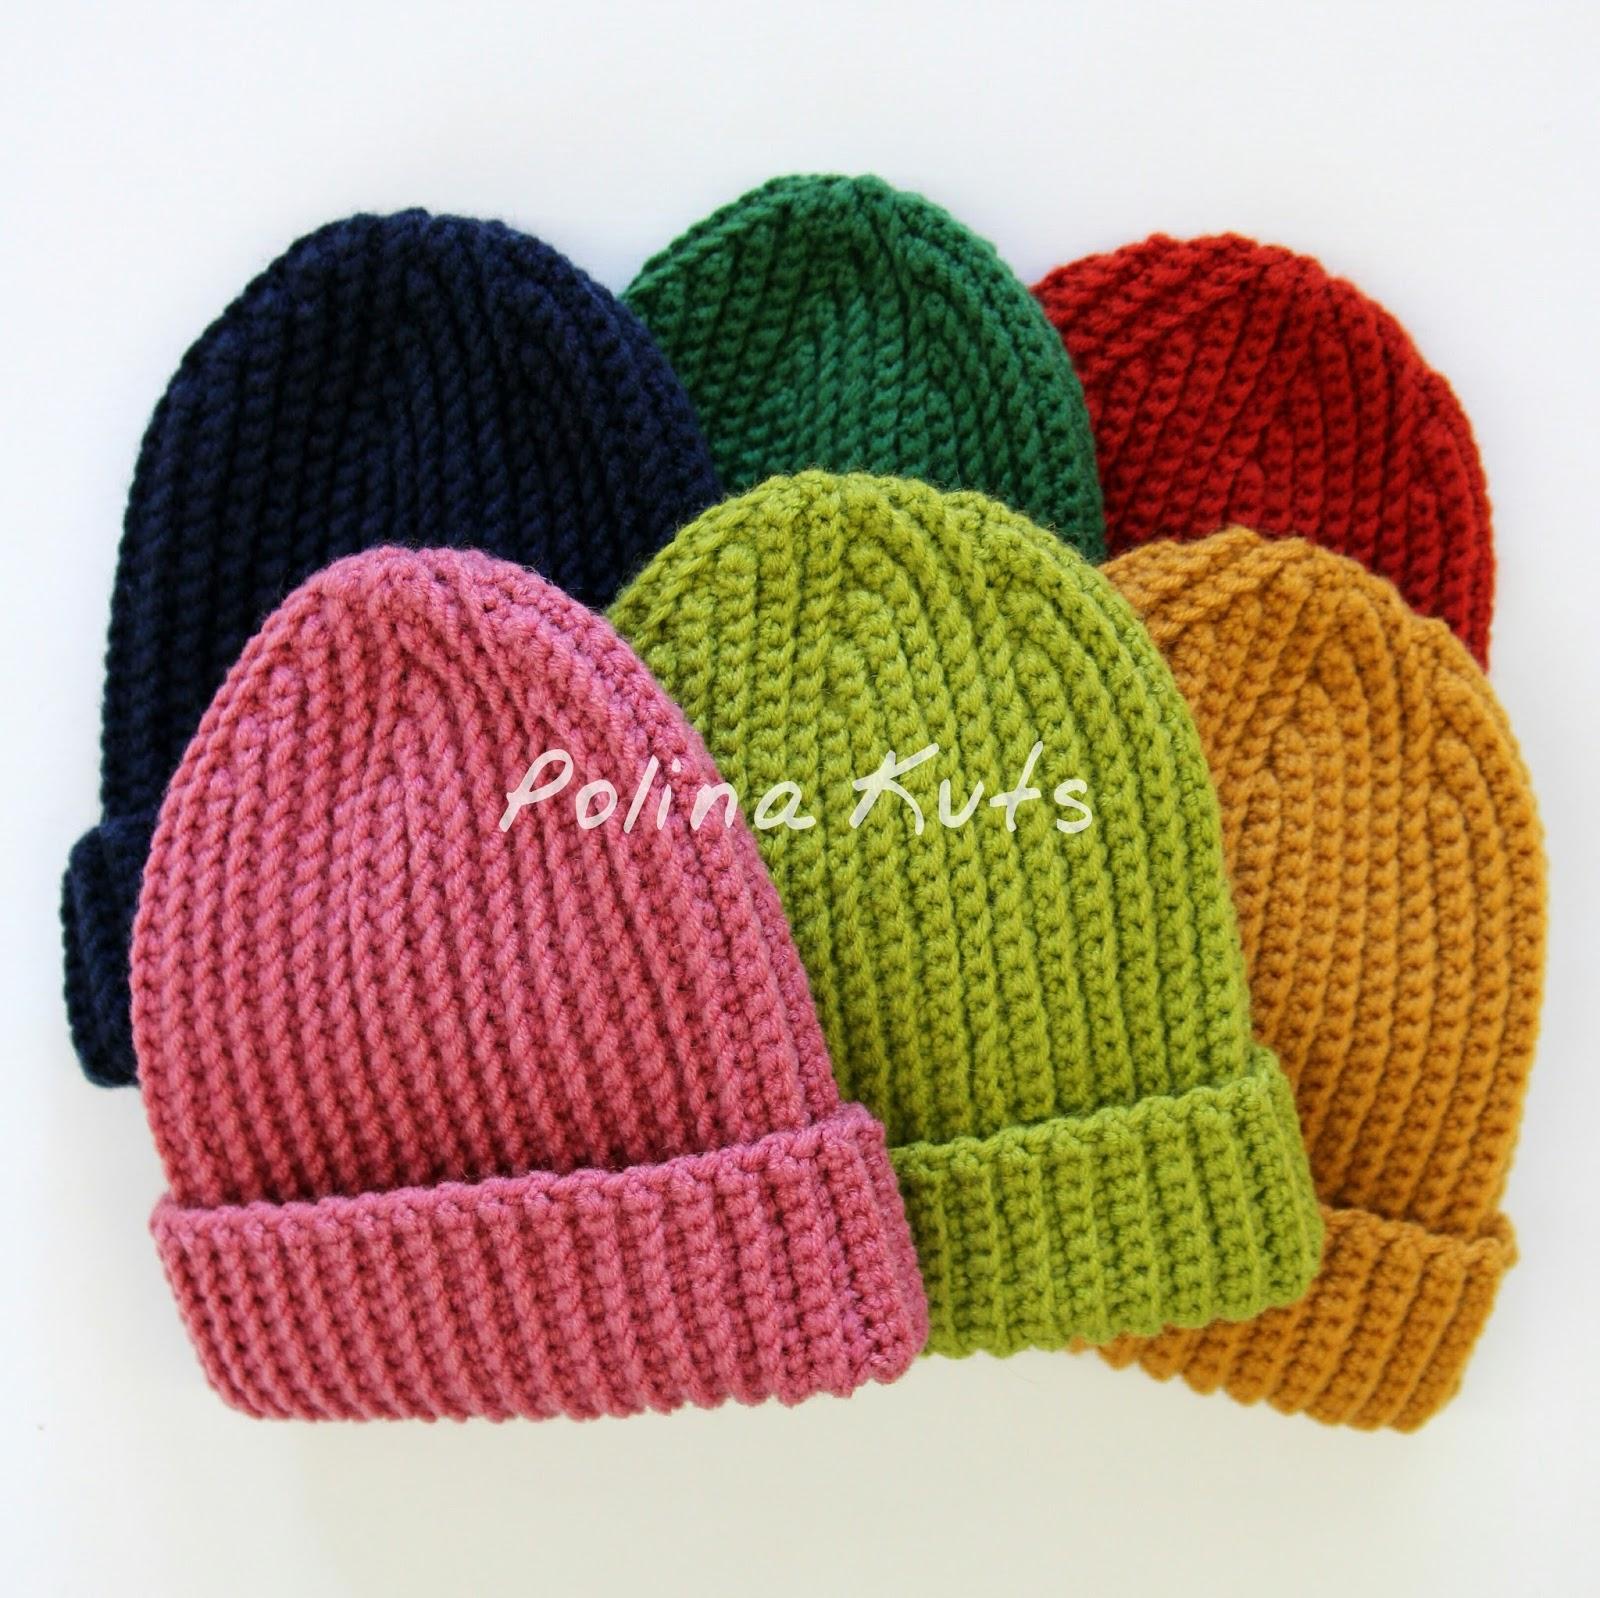 вязание крючком схема образца шапку